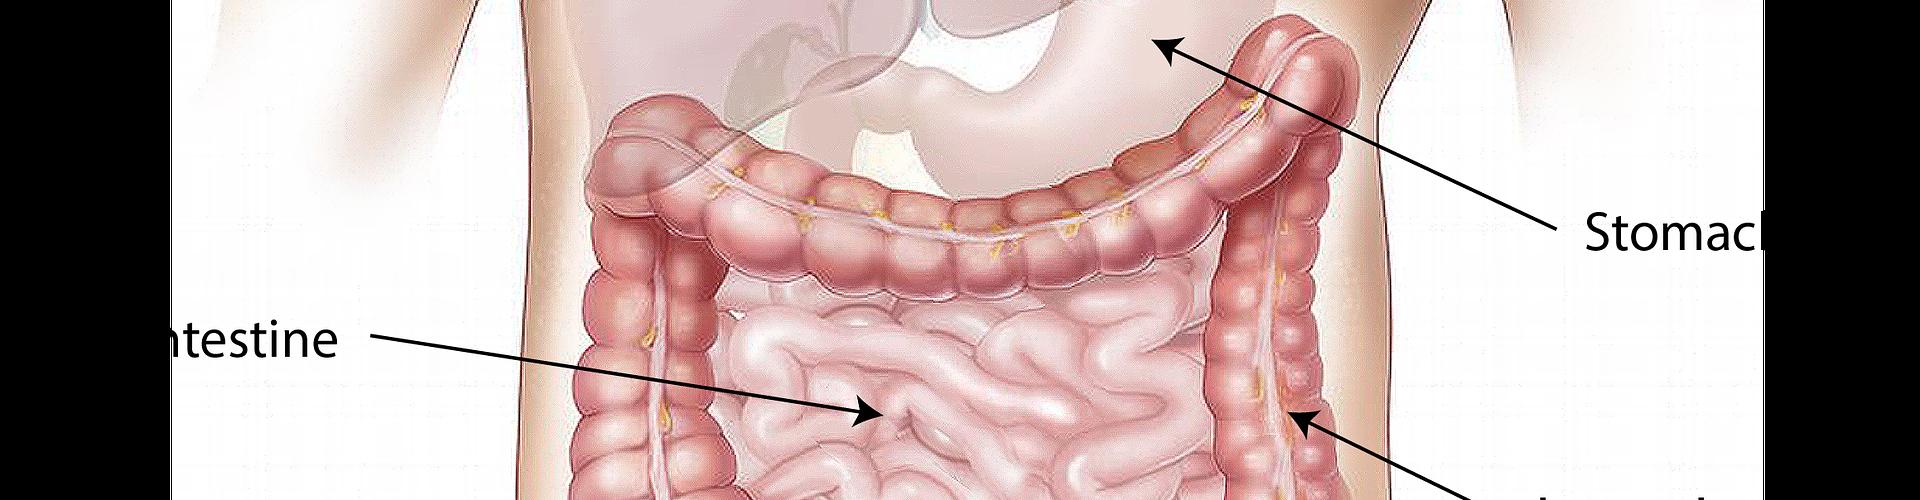 Dieta FODMAP e sindrome dell'intestino irritabile